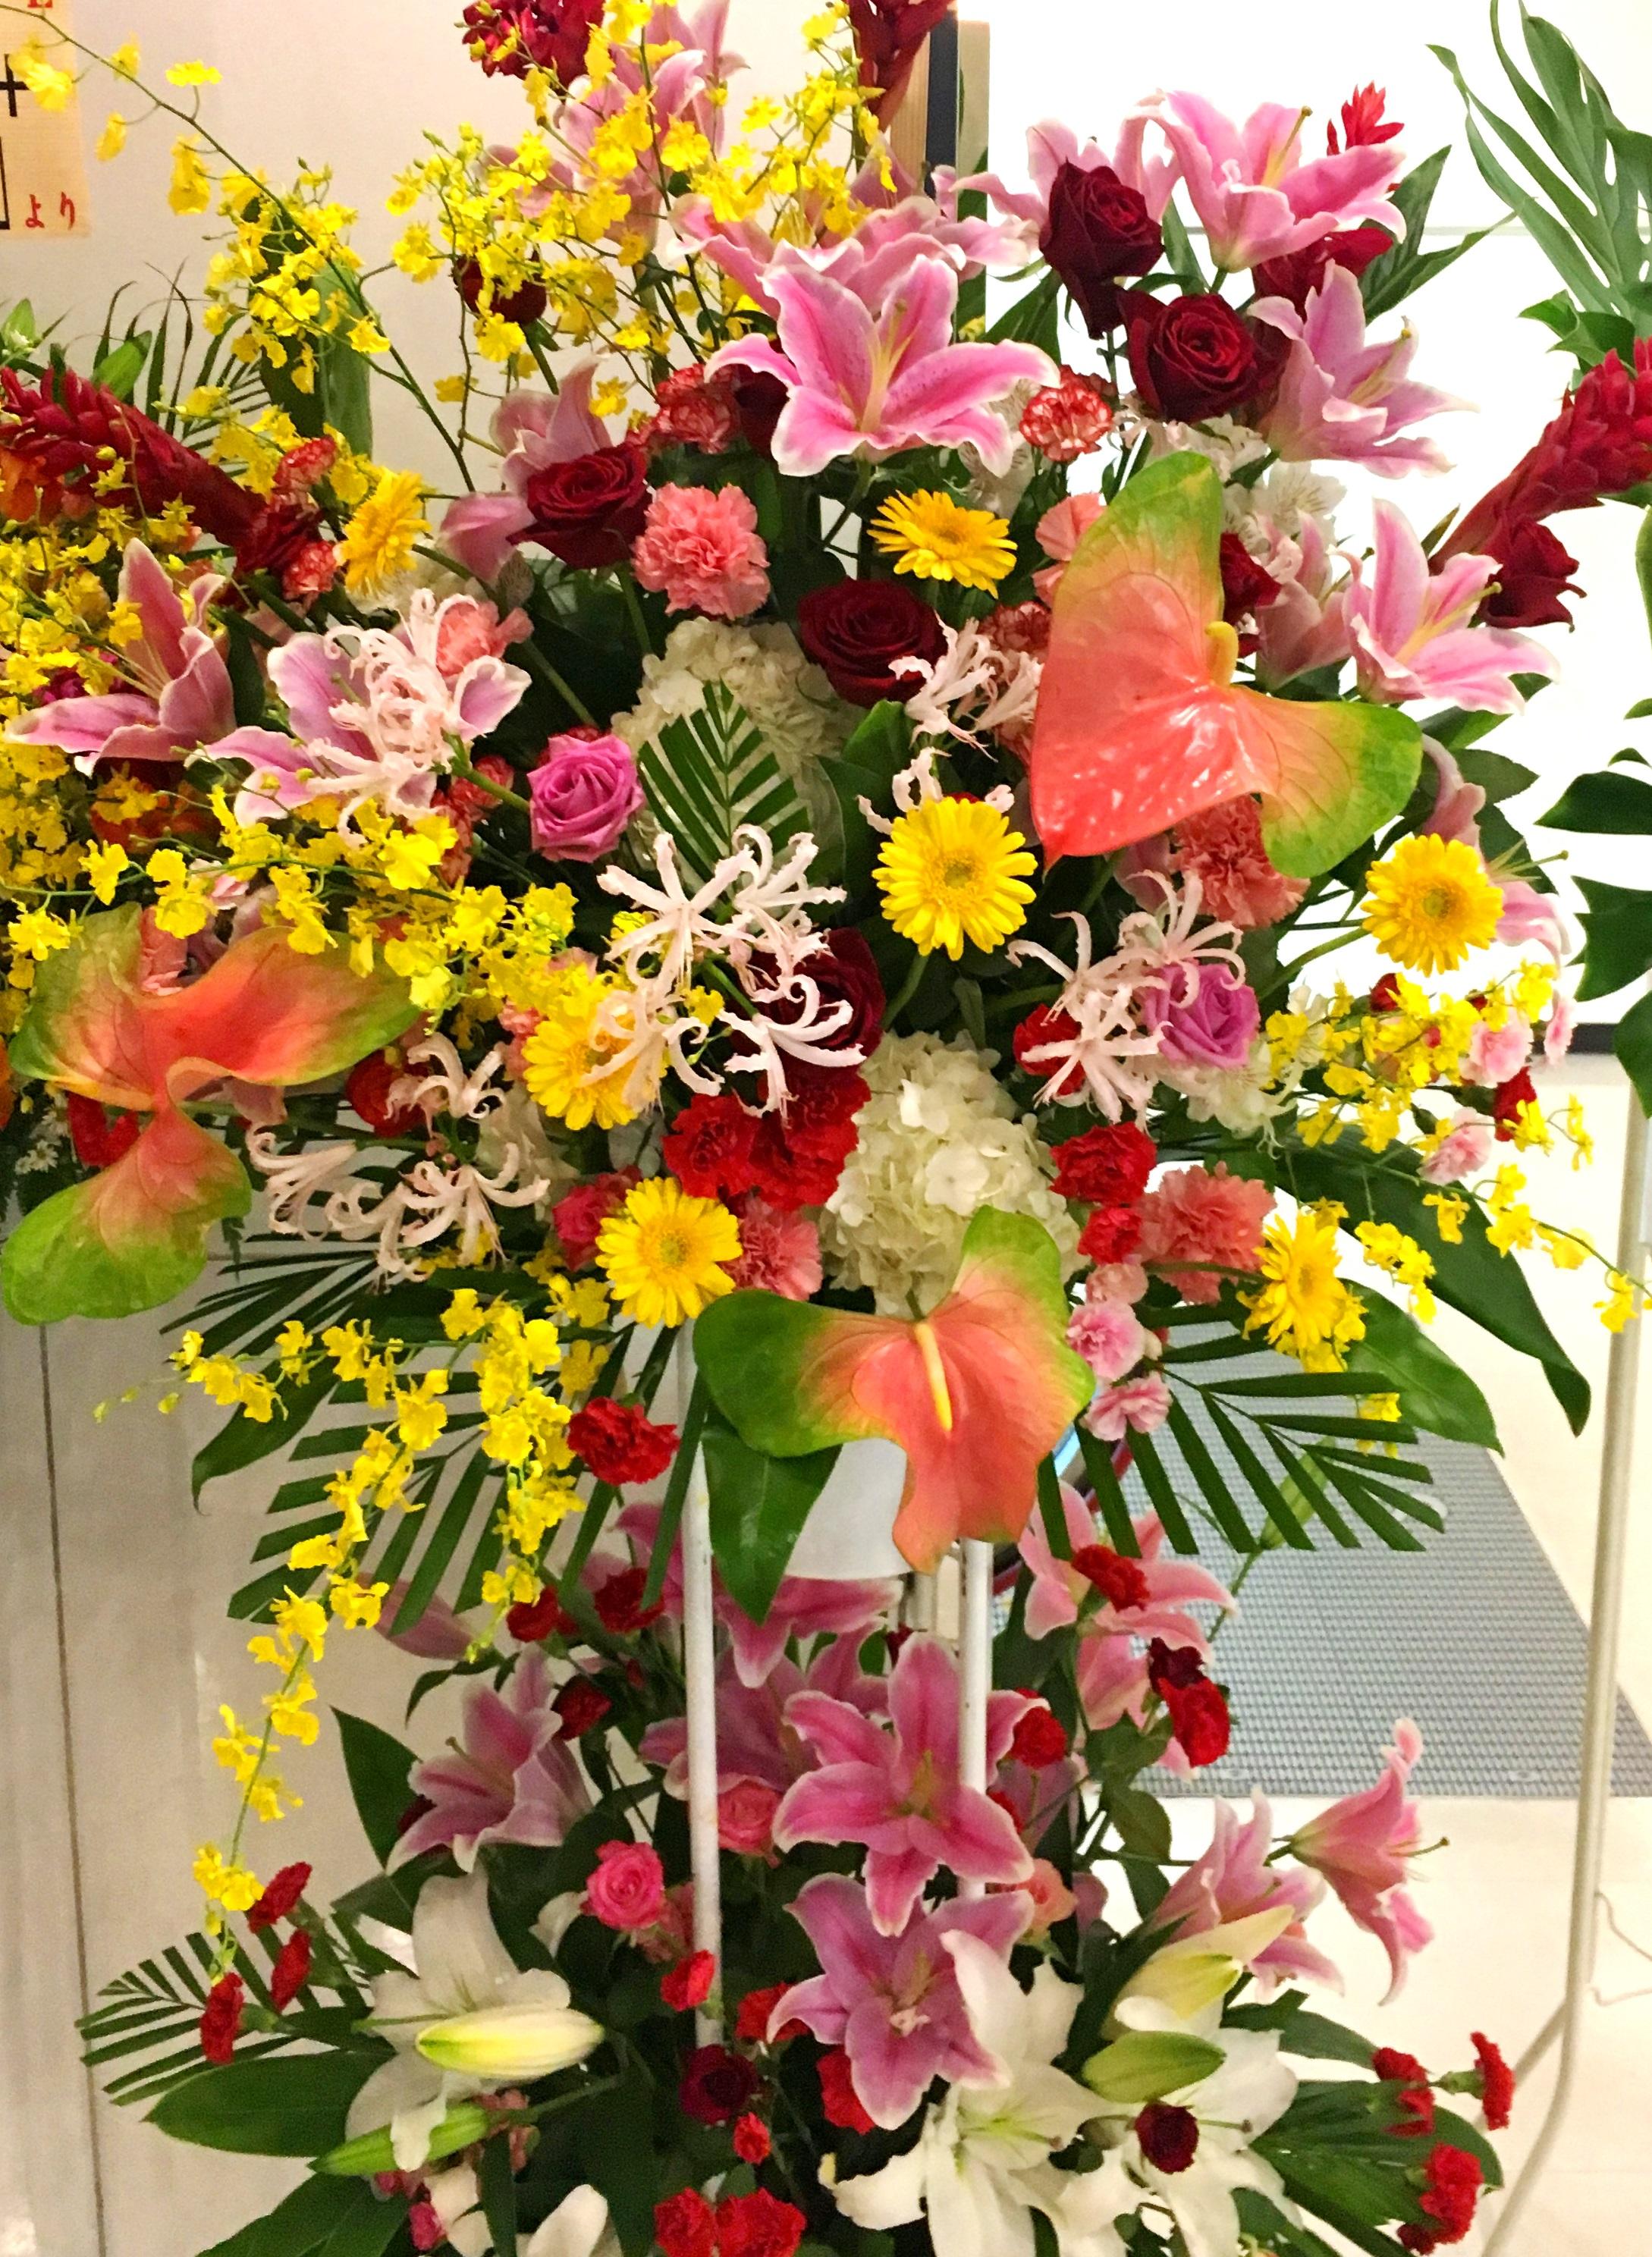 【ナオ花屋の納品事例173】横浜市西区相鉄ムービルへスタンド花を配達しました!